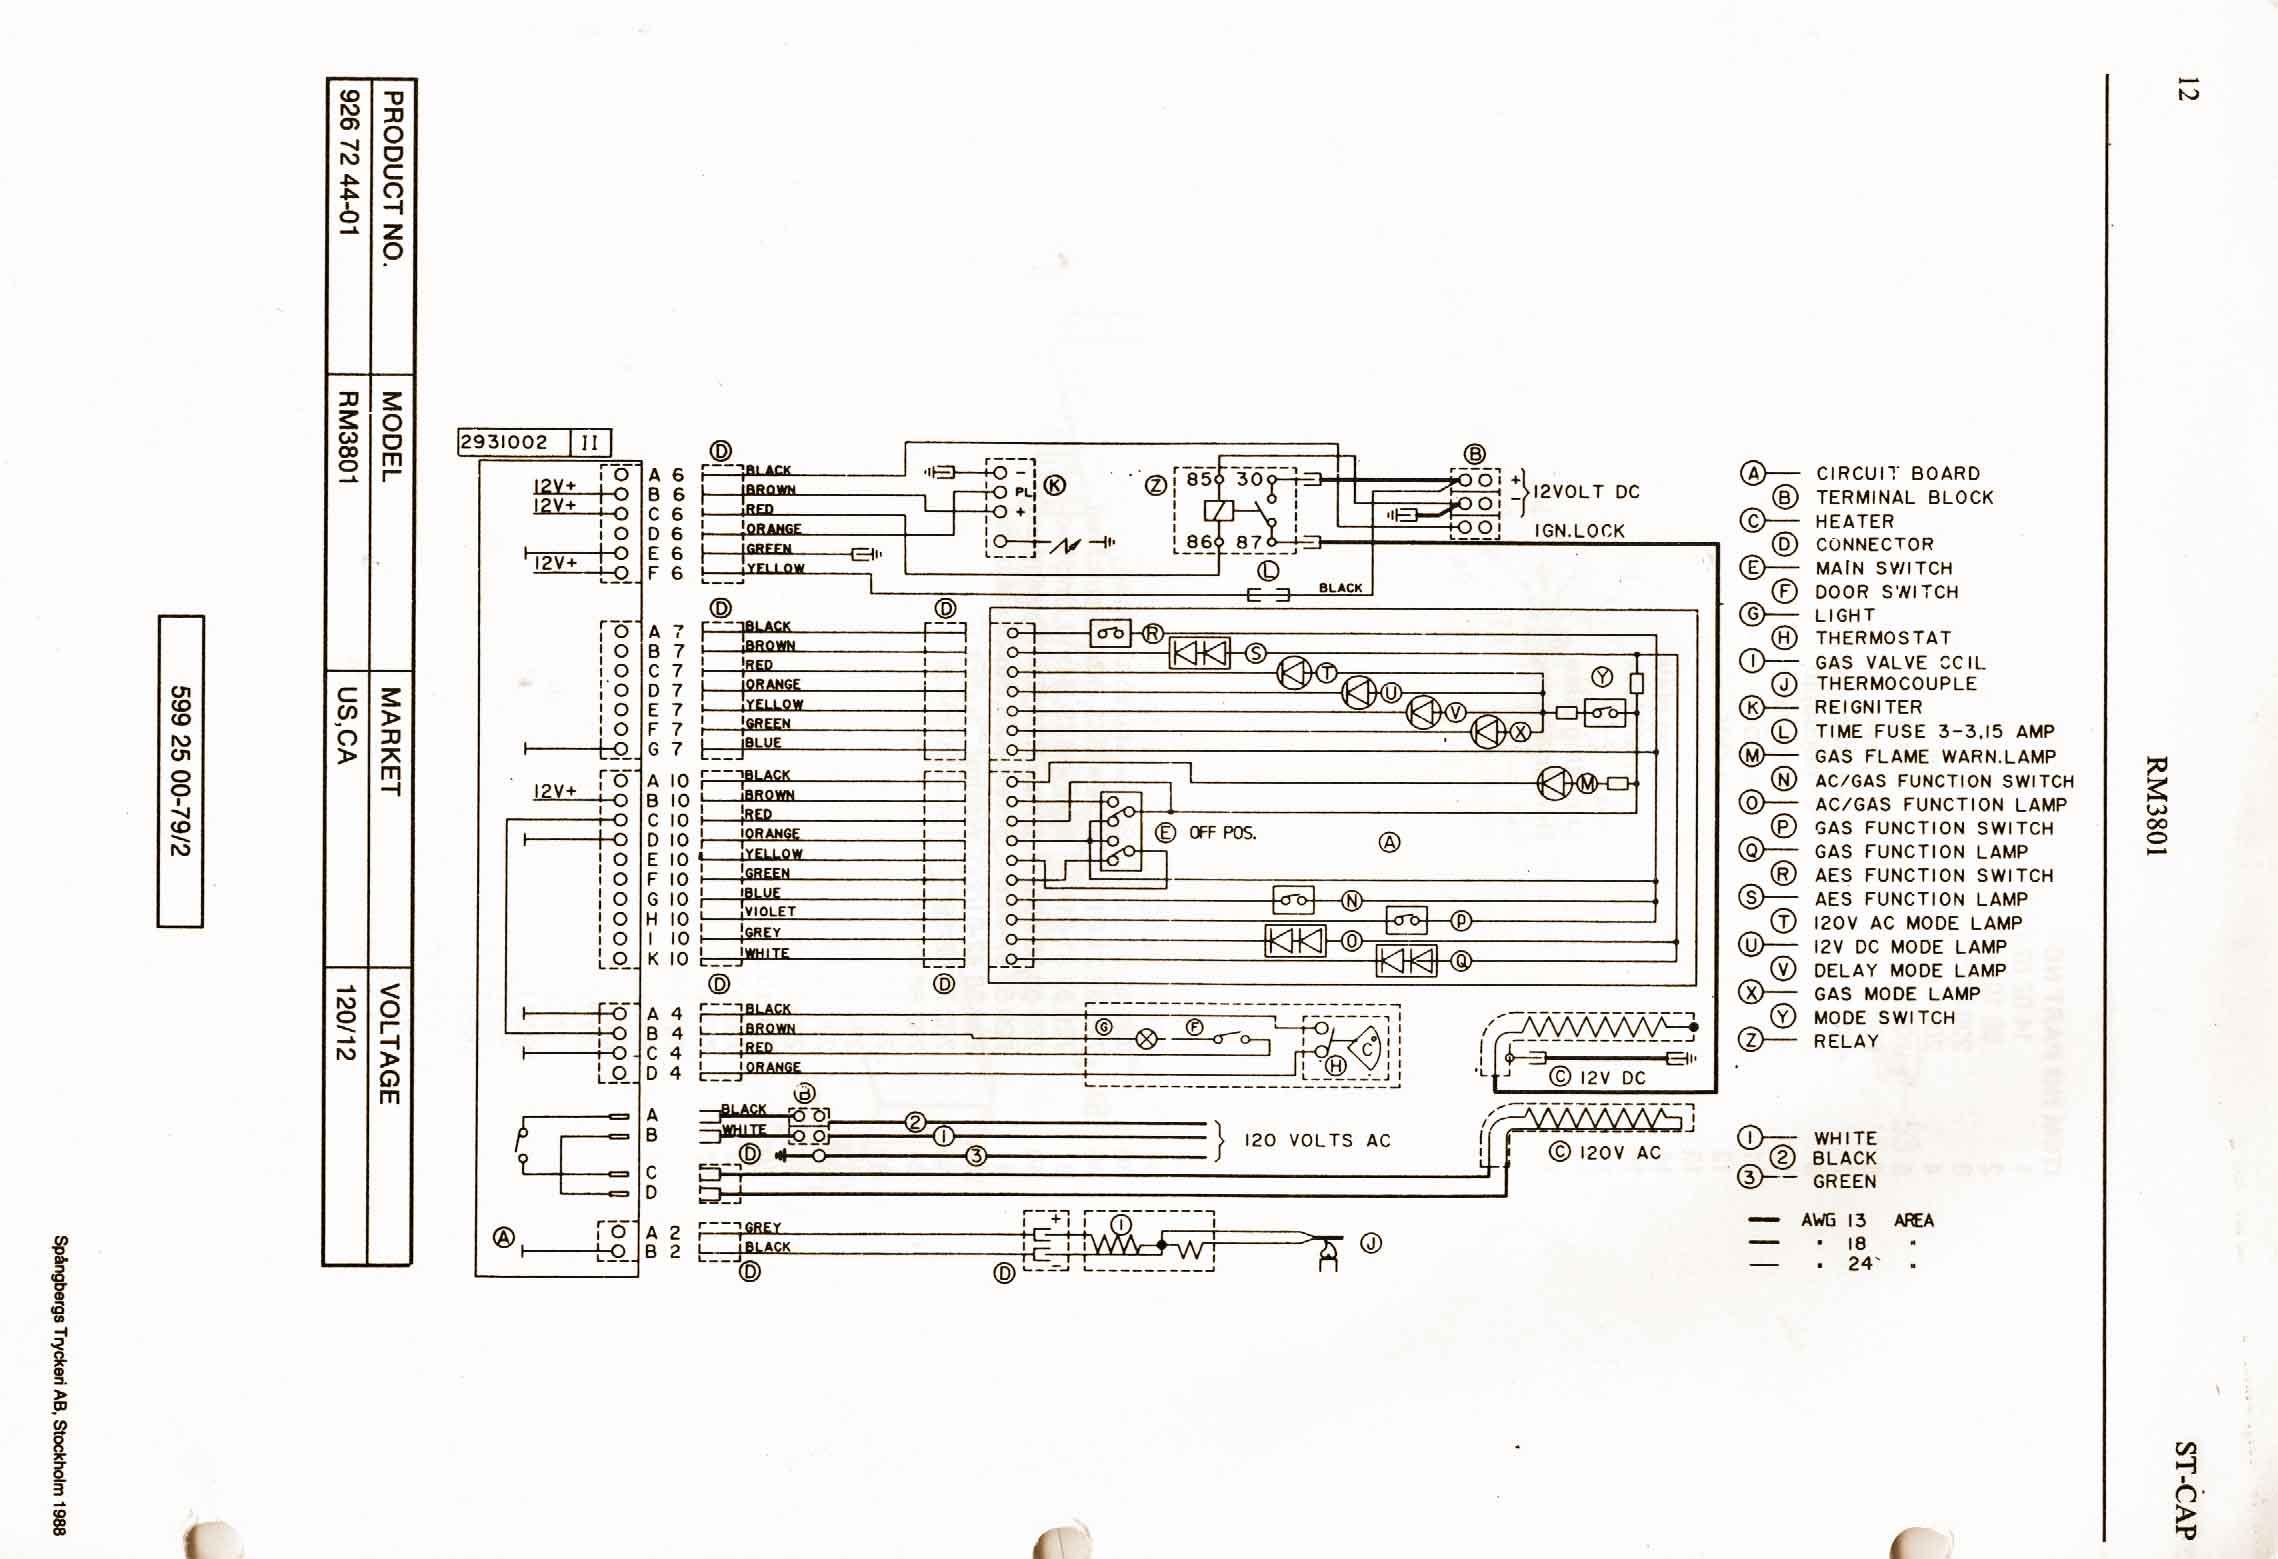 dometic refrigerator parts schematic dometic-3-way-refrigerator #2